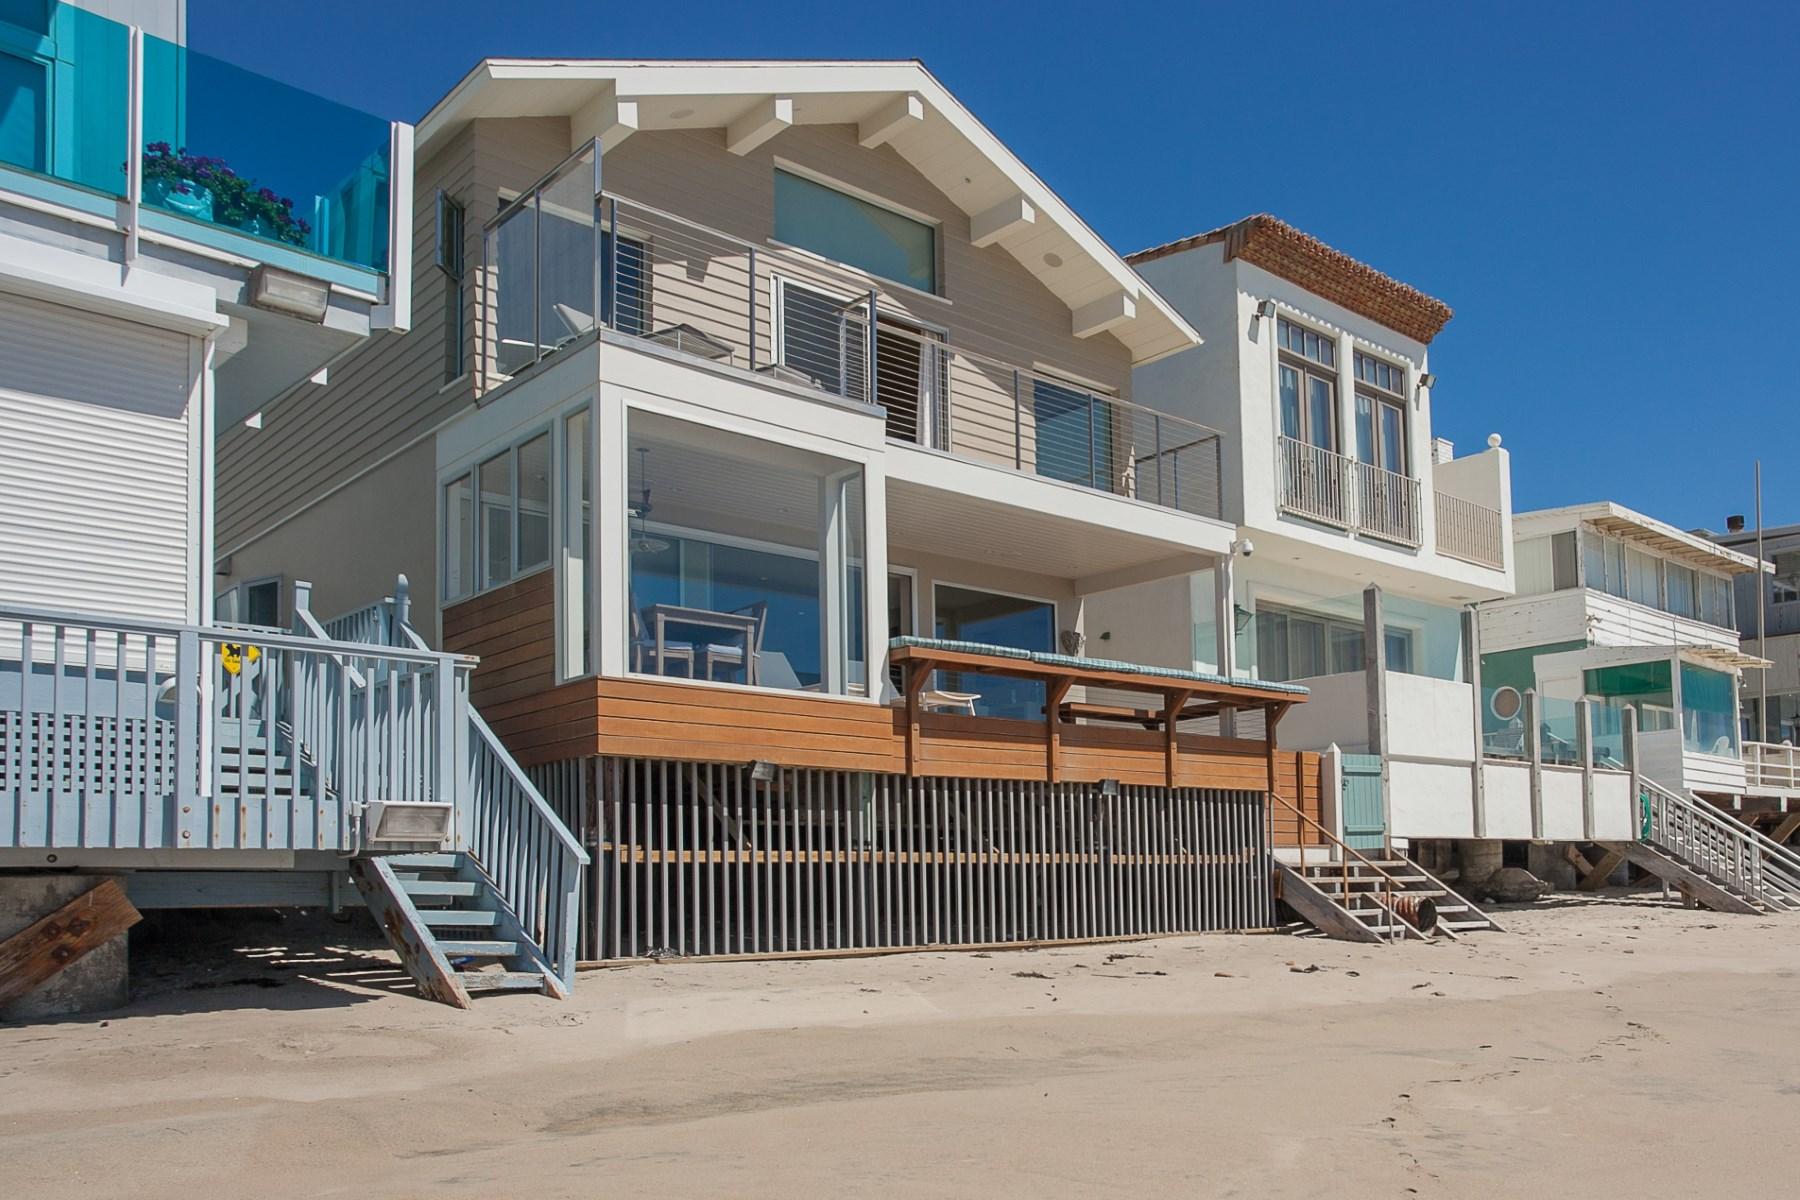 단독 가정 주택 용 매매 에 Very Special Malibu Beach House 21550 Pacific Coast Highway Malibu, 캘리포니아, 90265 미국